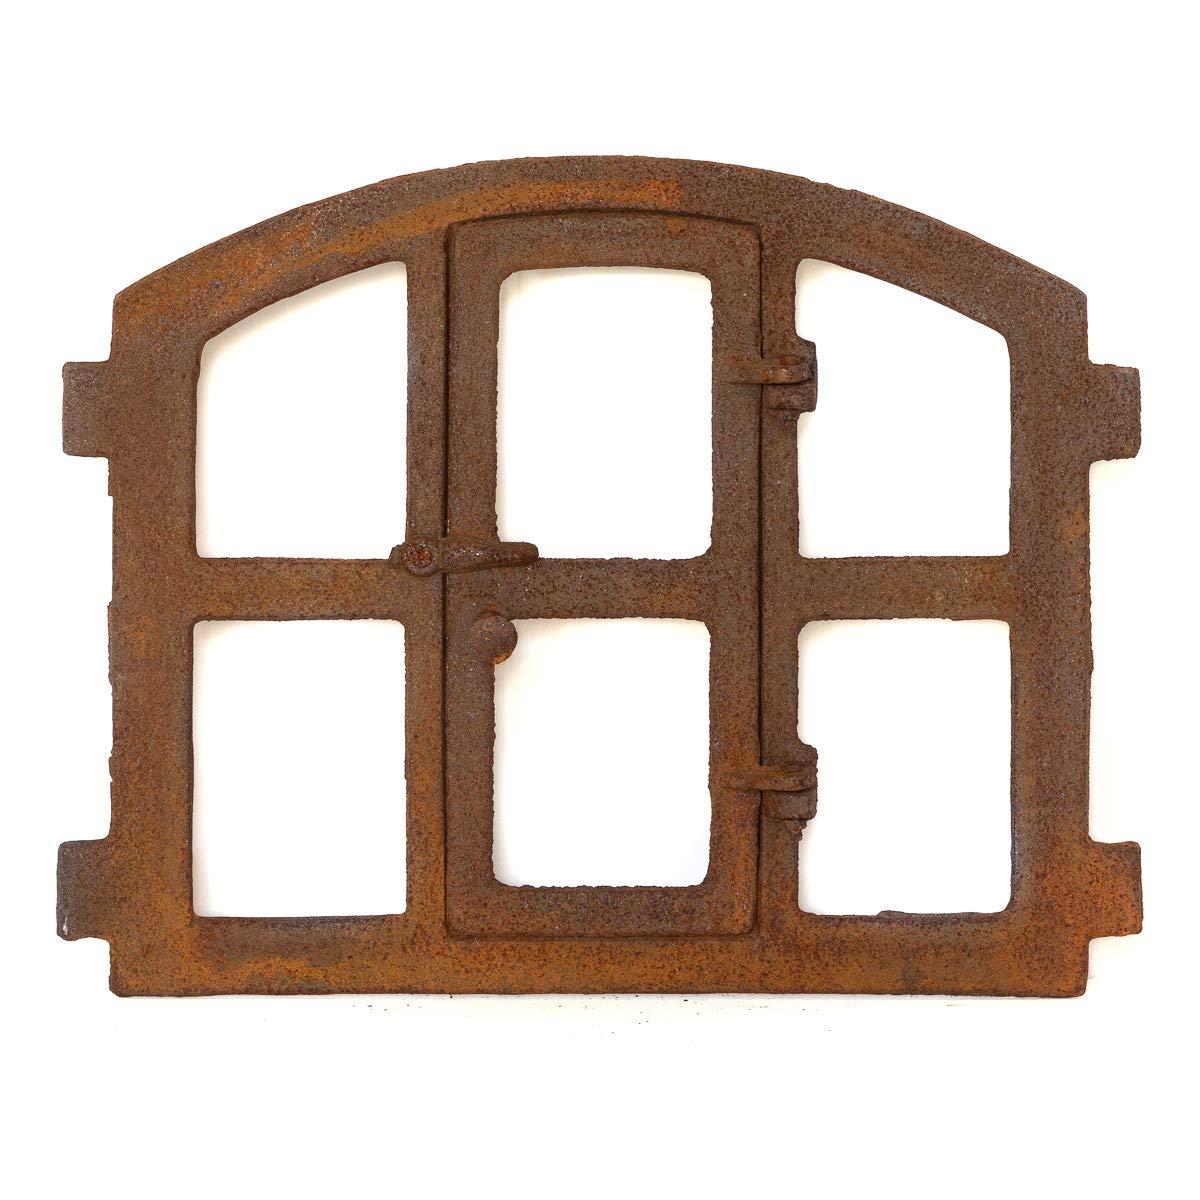 Antikas | Eisenfenster in antiken lä ndlichen Stil | Hö he ca. 42 cm, Breite ca. 48 cm | Fensterrahmen aus Gusseisen | Fenster fü r Stall- und Gartenmauern